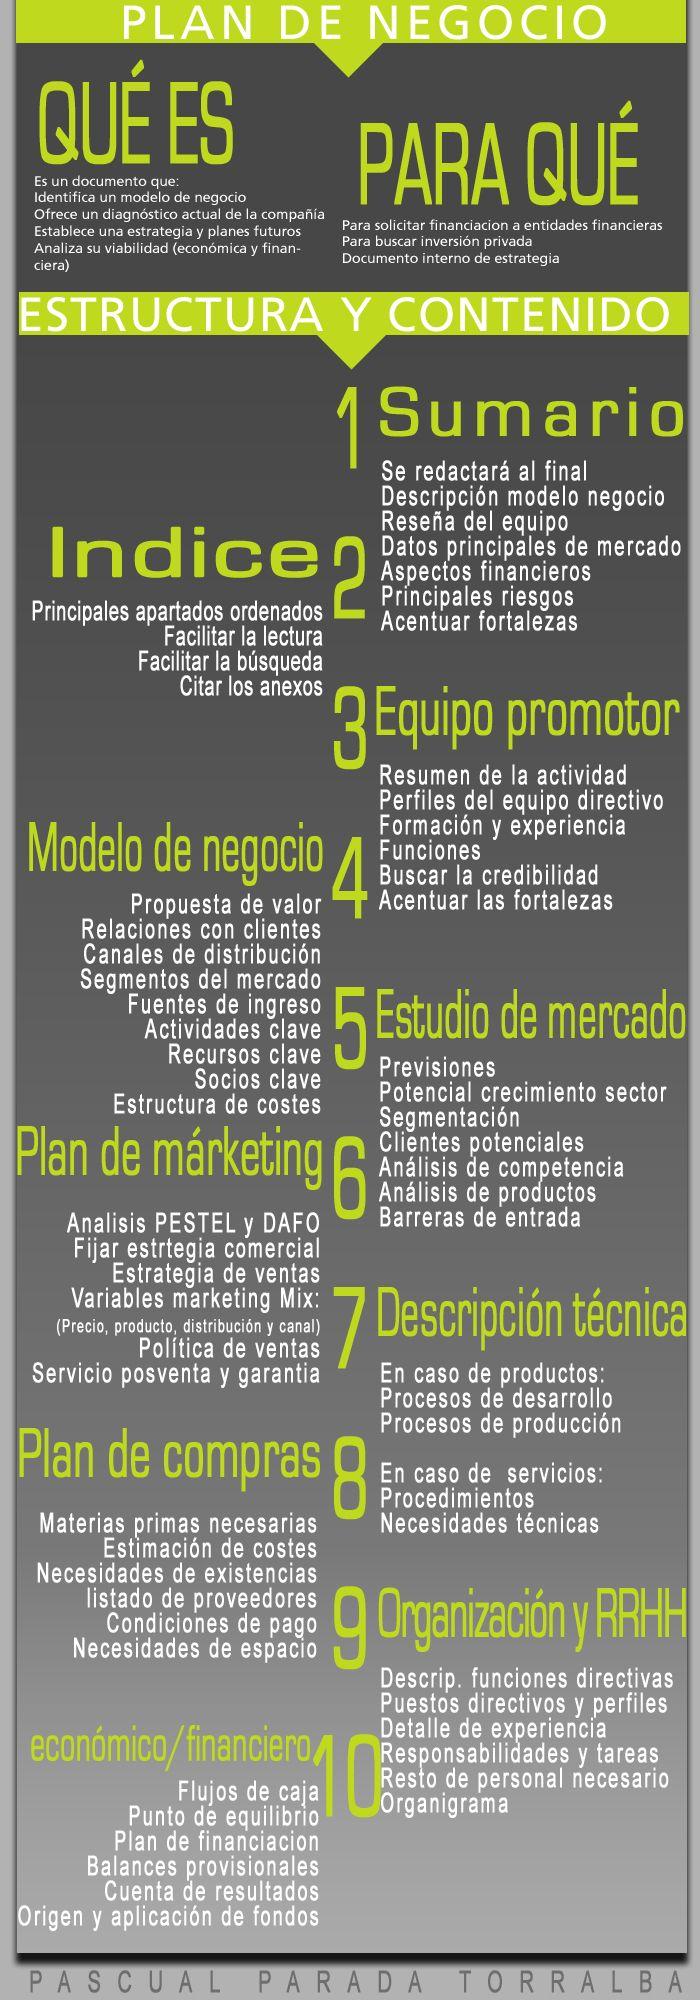 #infografia sobre los contenidos recomendados de un #plandenegocio #emprendedores